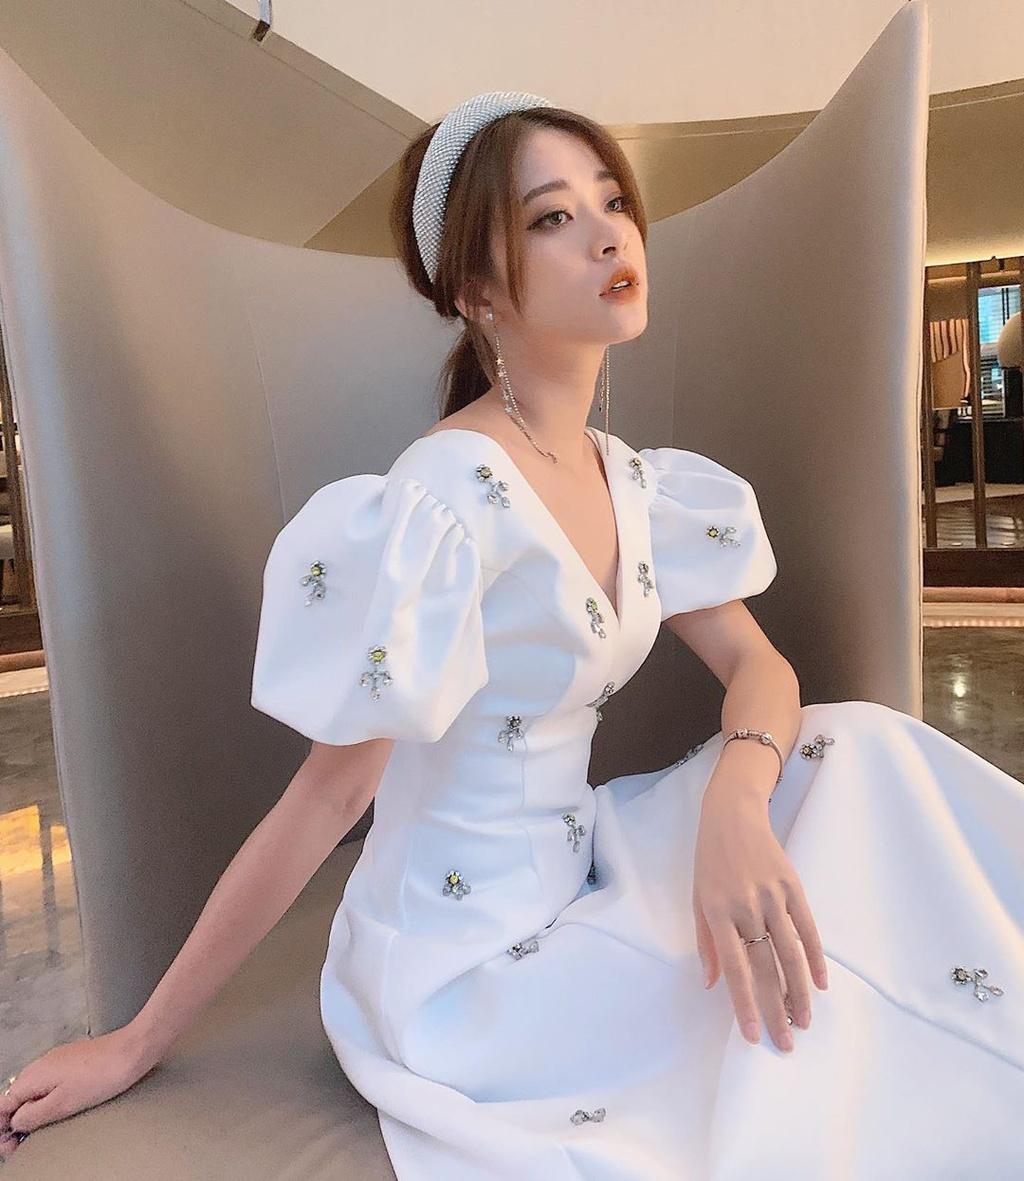 Hot girl World Cup Nam tien, thua nhan sai trong nhung scandal qua khu hinh anh 5